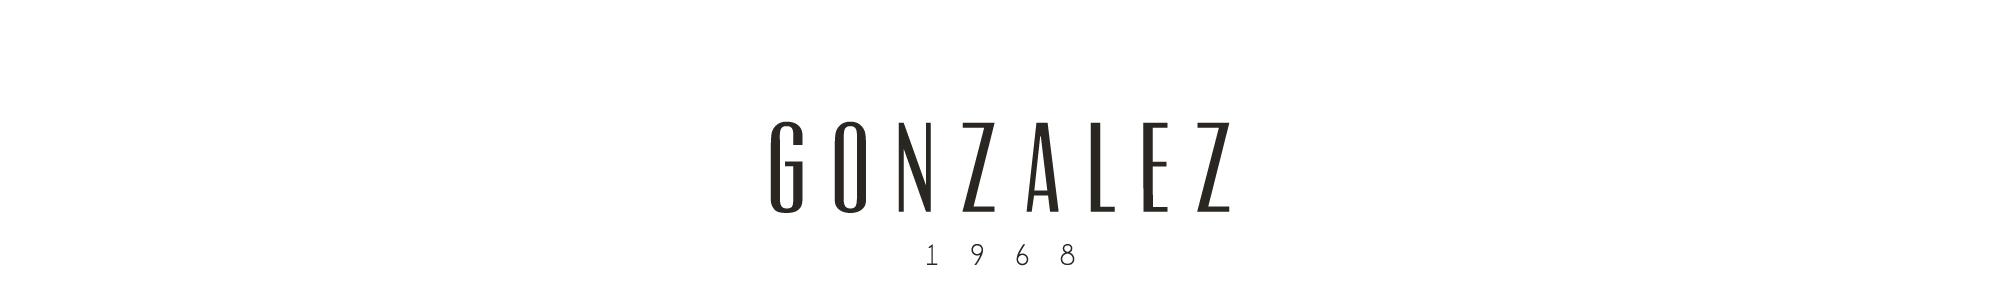 GONZALEZ 1968 - jewelry / joyería